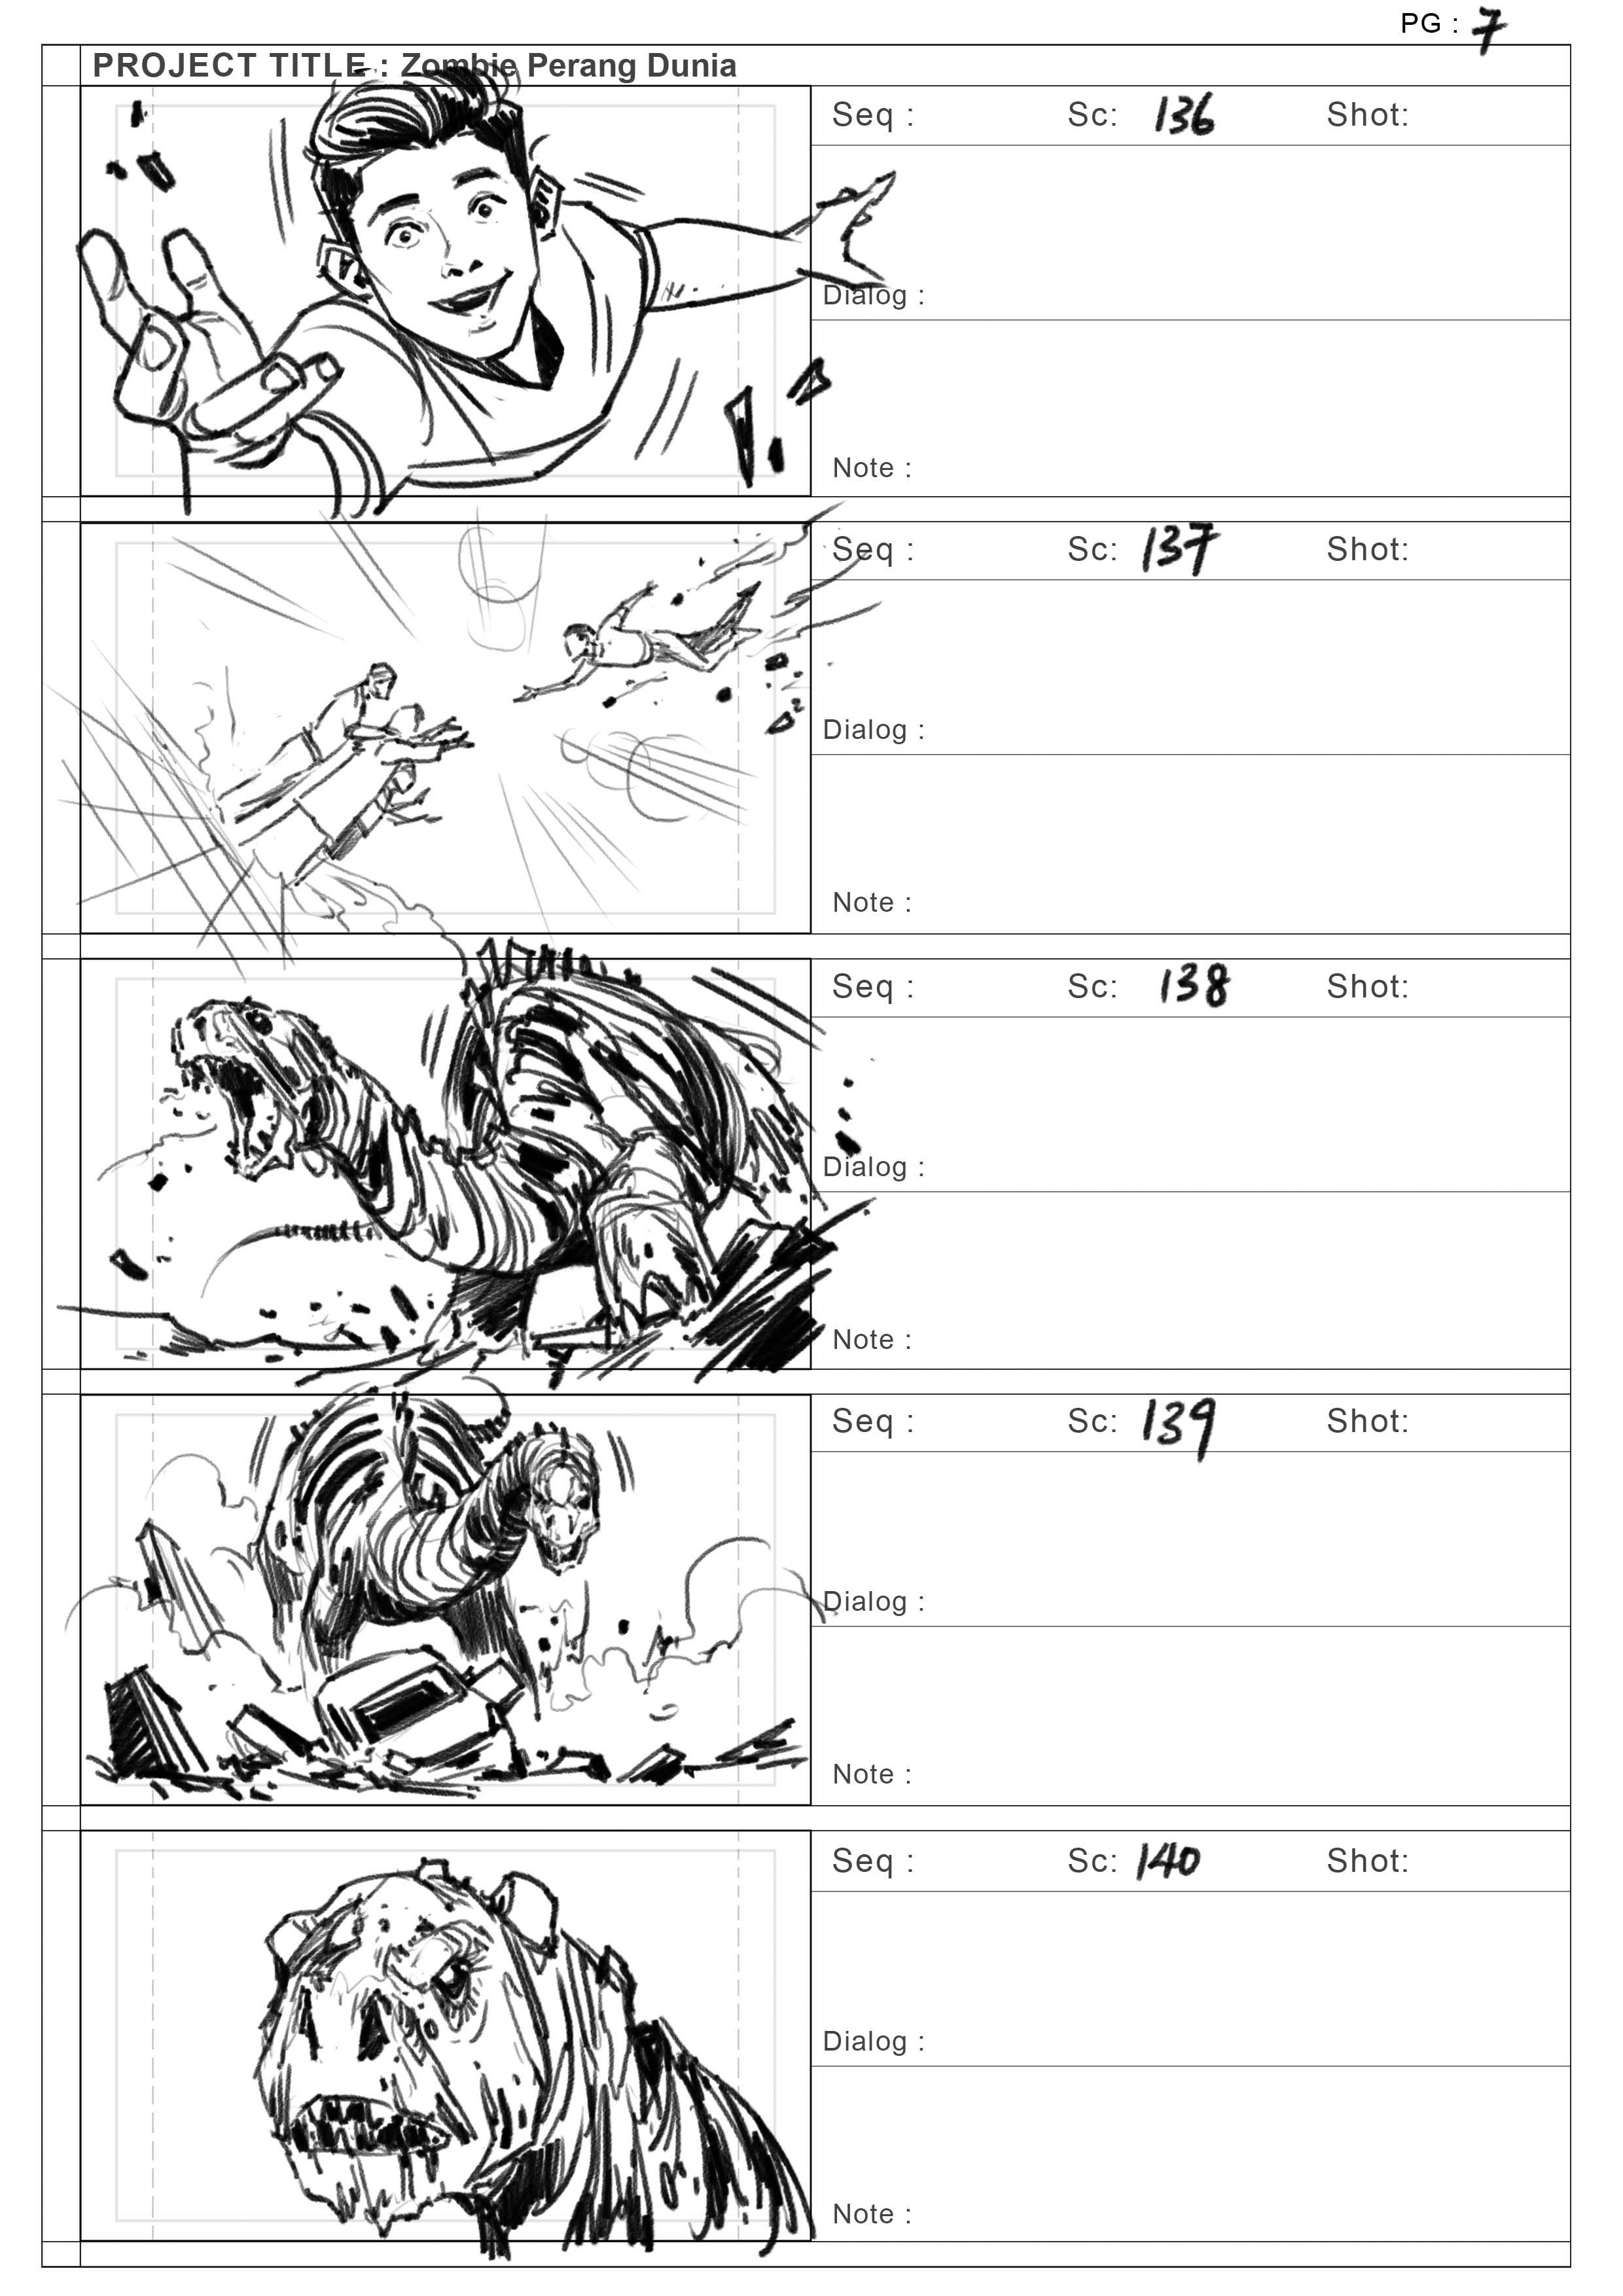 ZPD_Storyboard_07 copy